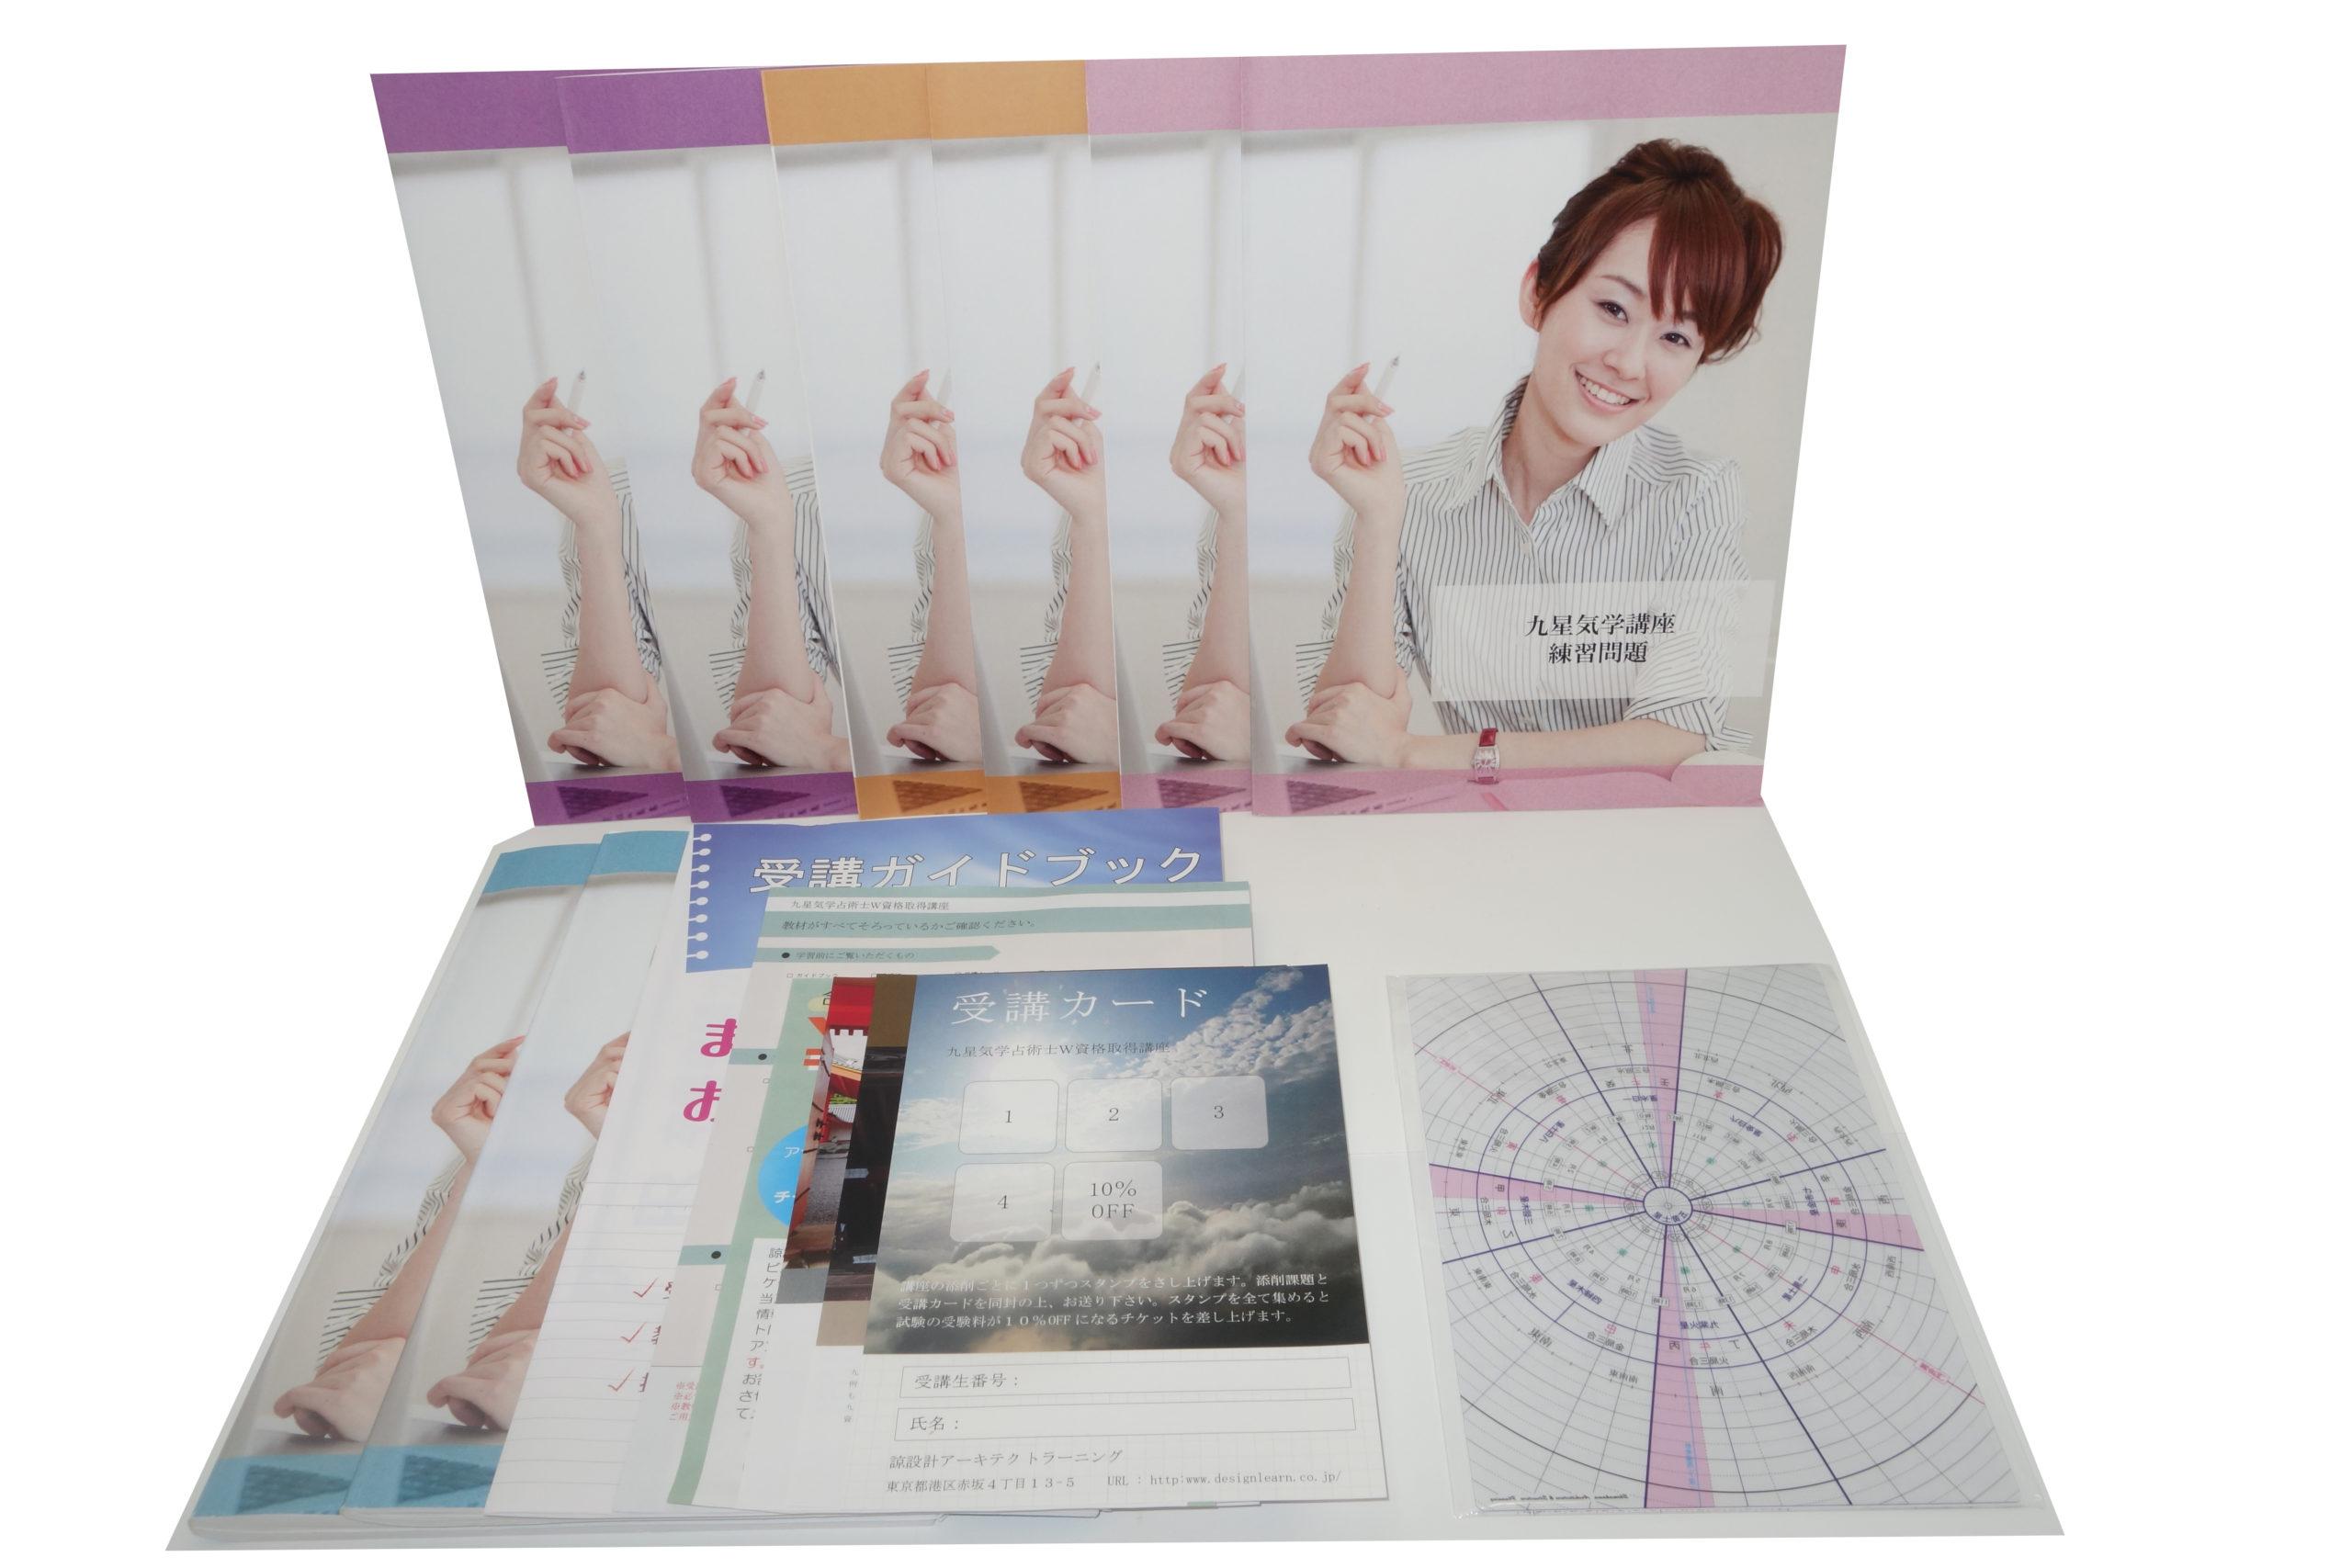 九星気学占術士W資格取得講座の教材写真